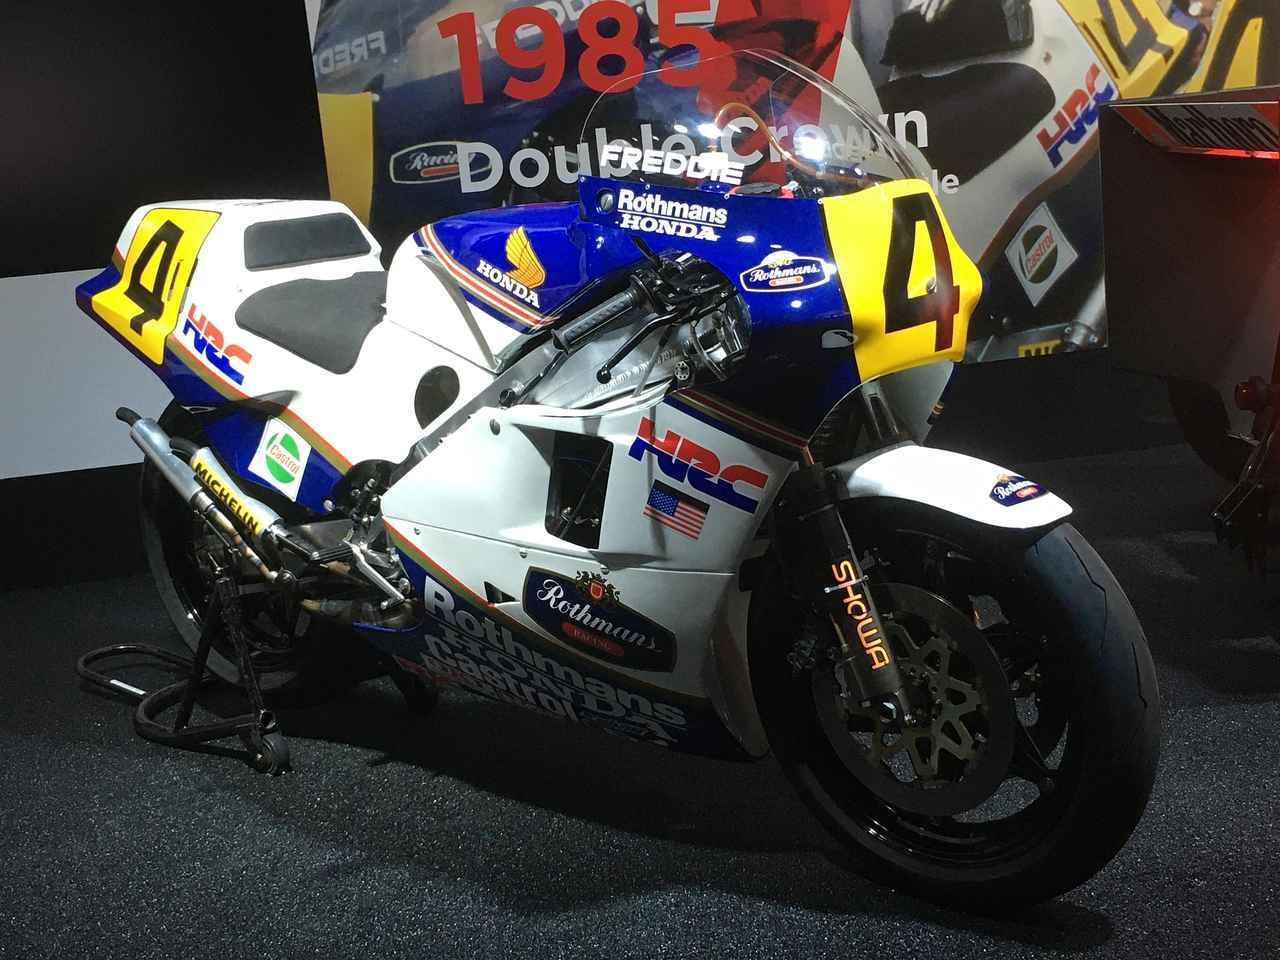 <東京モーターショー> レーシングオートバイでは…~会場にいるレーシングマシンたち~